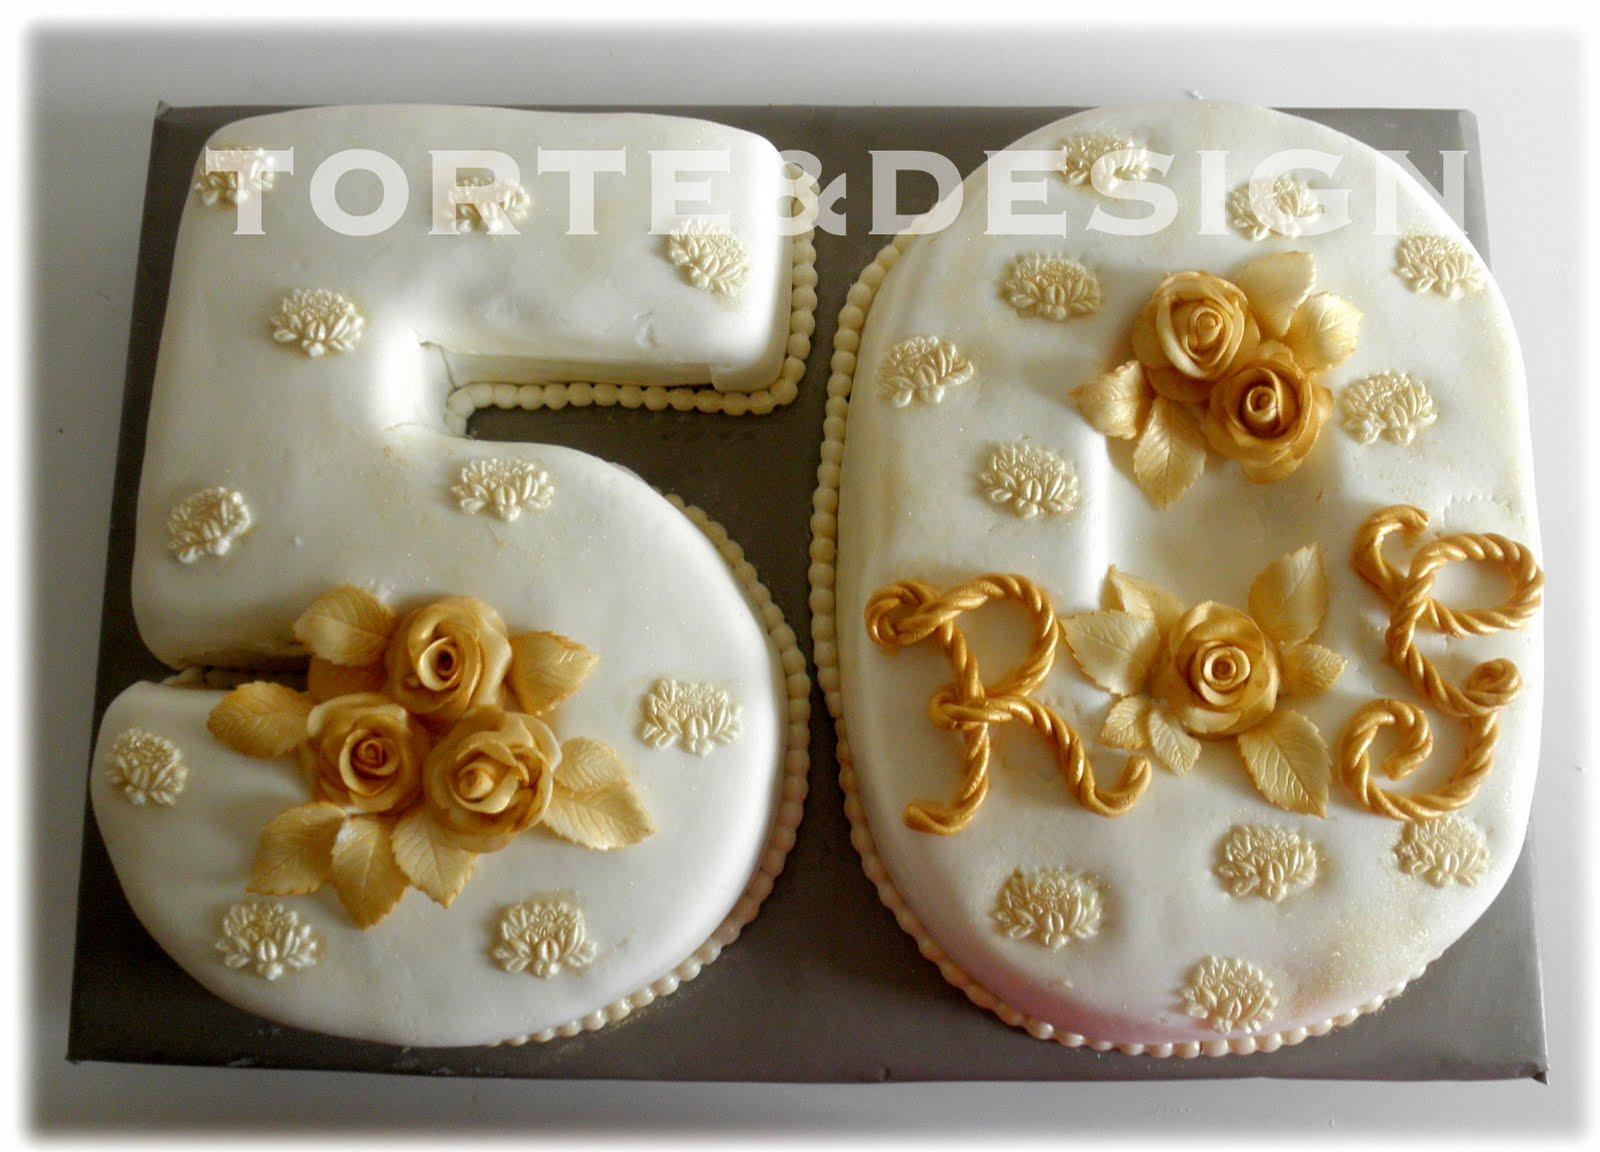 Torte design nozze d 39 oro for Decorazioni torte per 60 anni di matrimonio